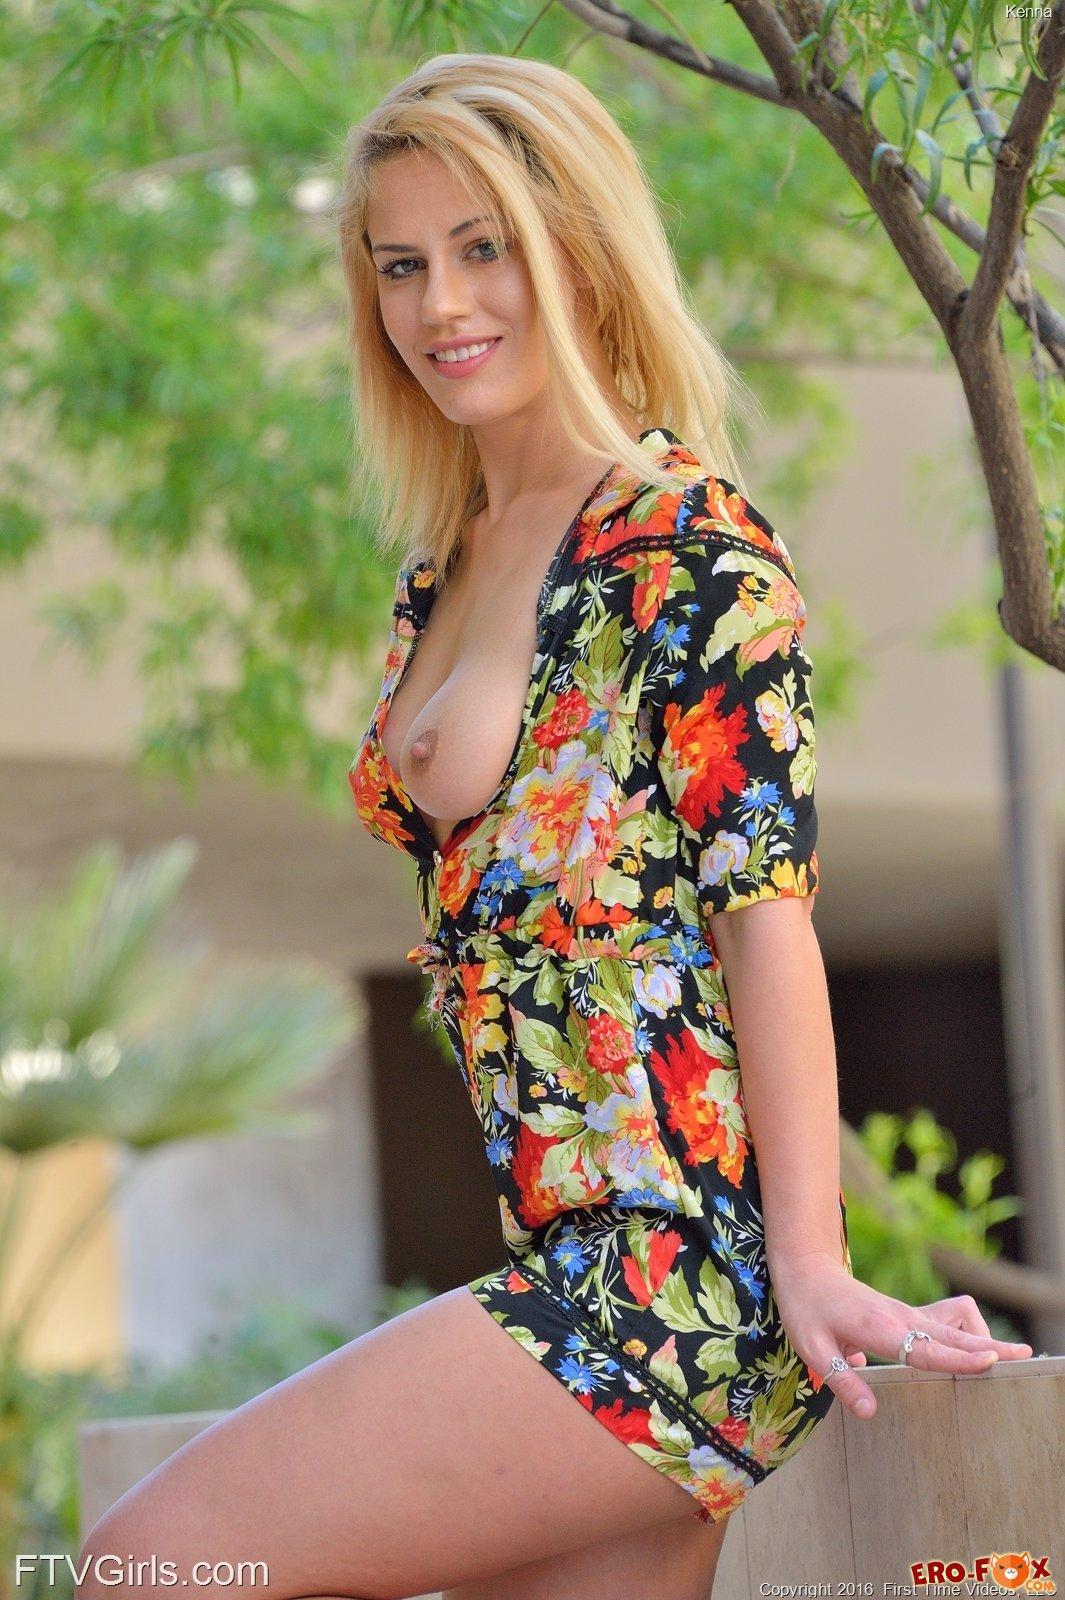 Соблазнительная блондинка показывает свои прелести .